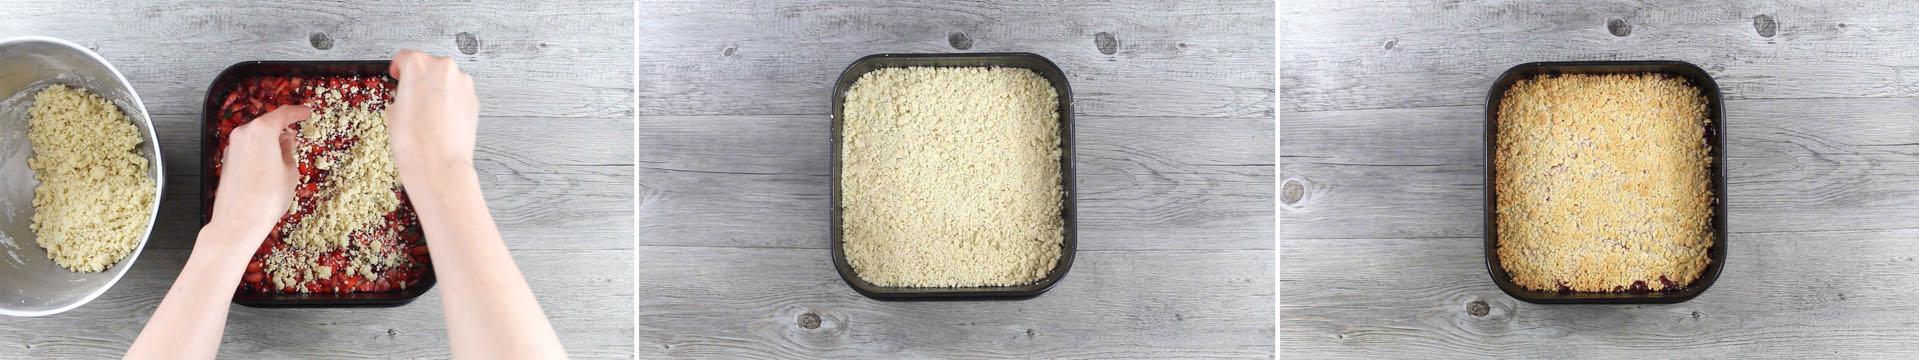 preparazione crostata fragolina